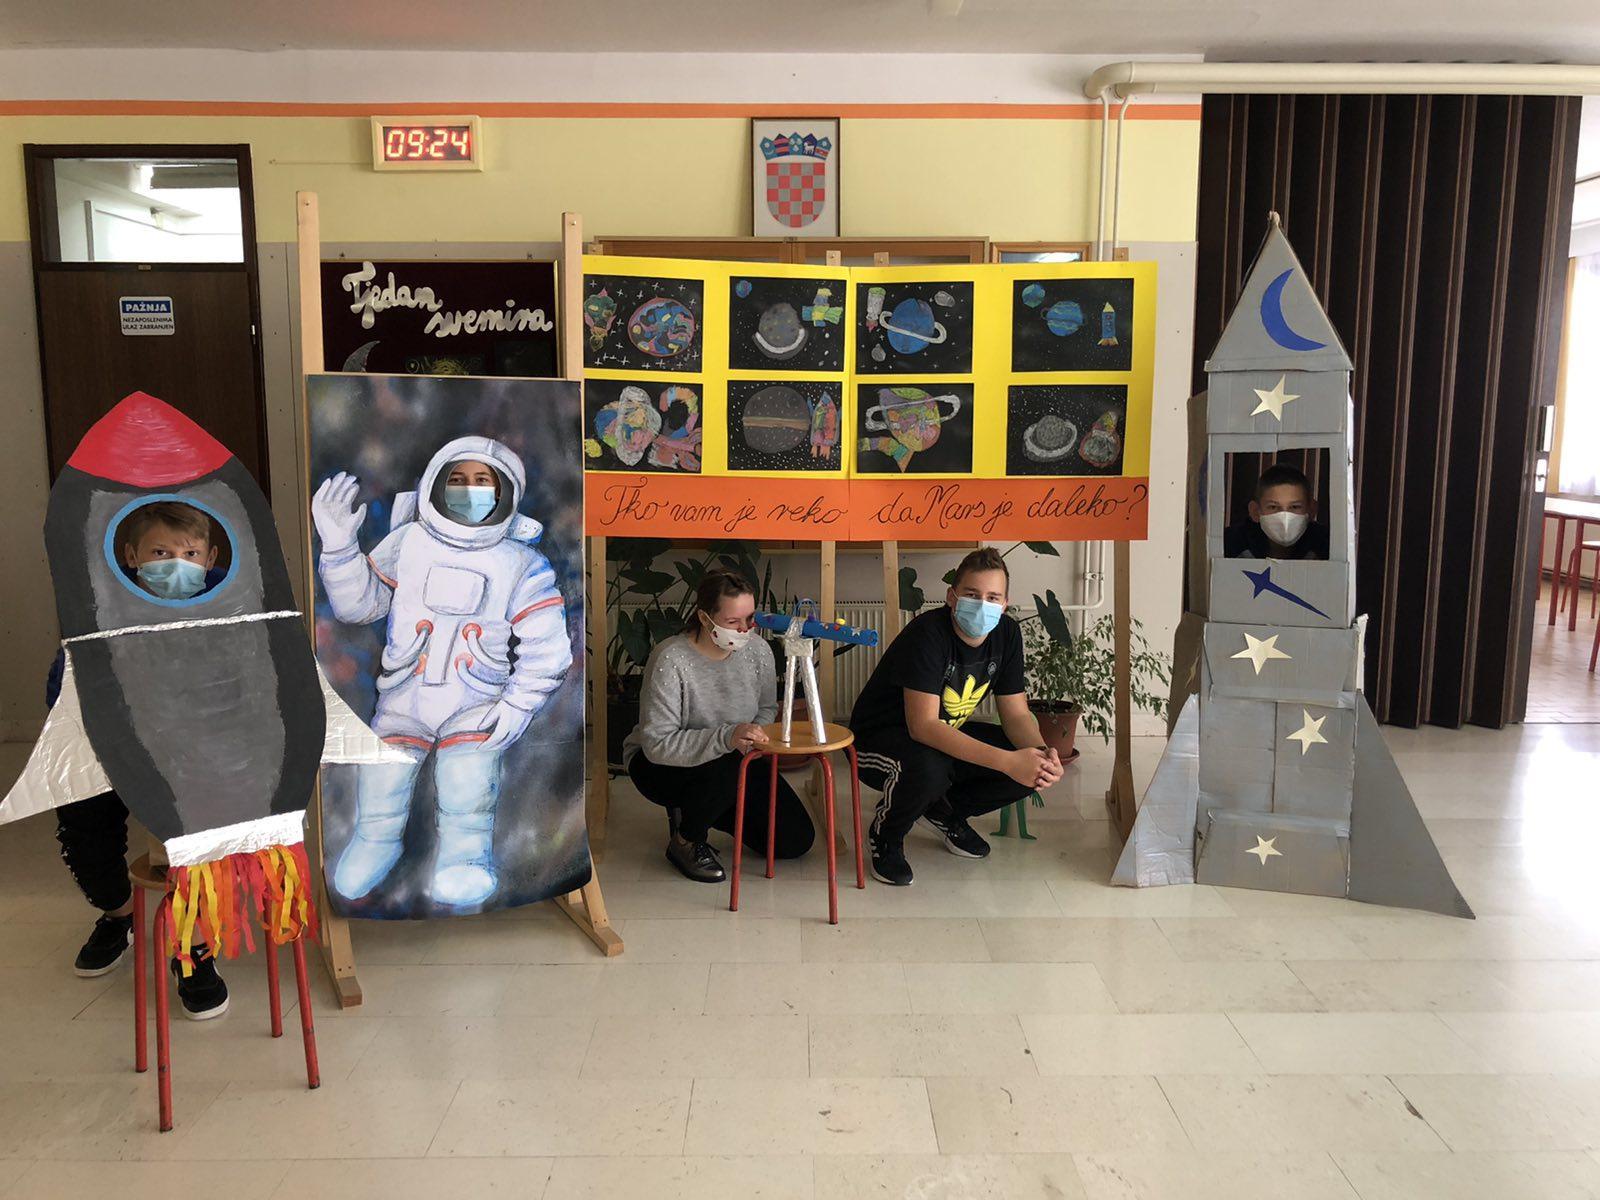 Tjedan svemira u bribirskoj školi